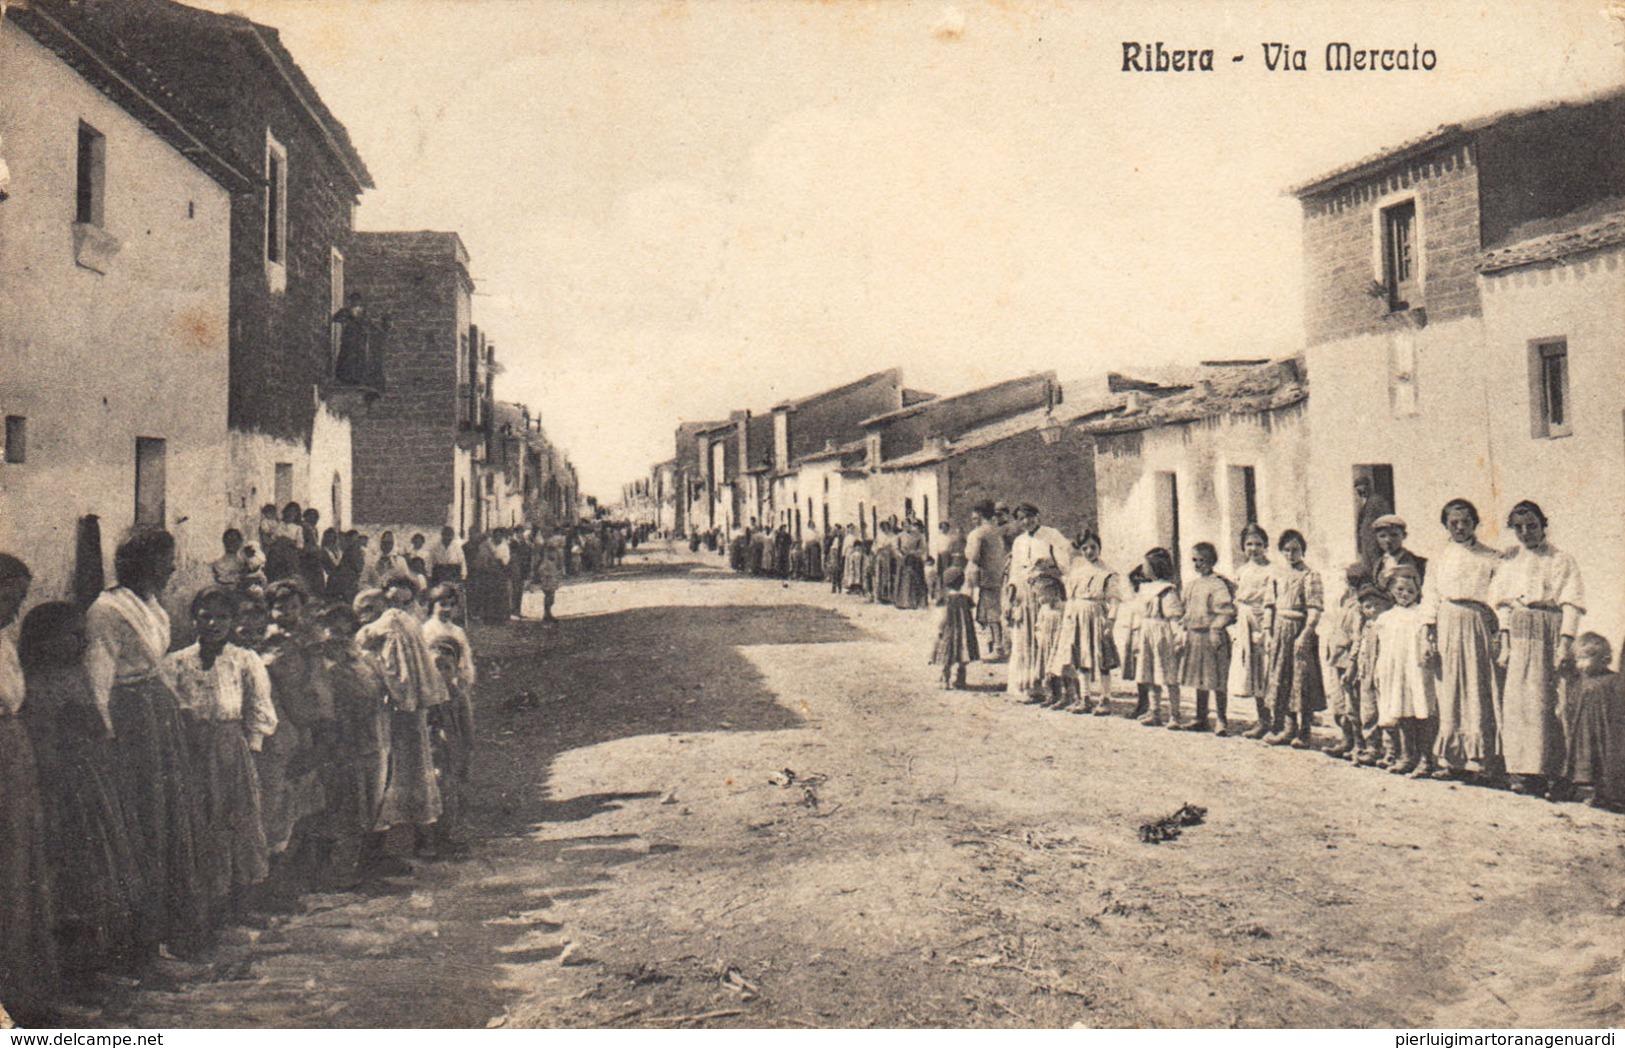 12703 - Ribera - Via Mercato (Agrigento) F - Agrigento